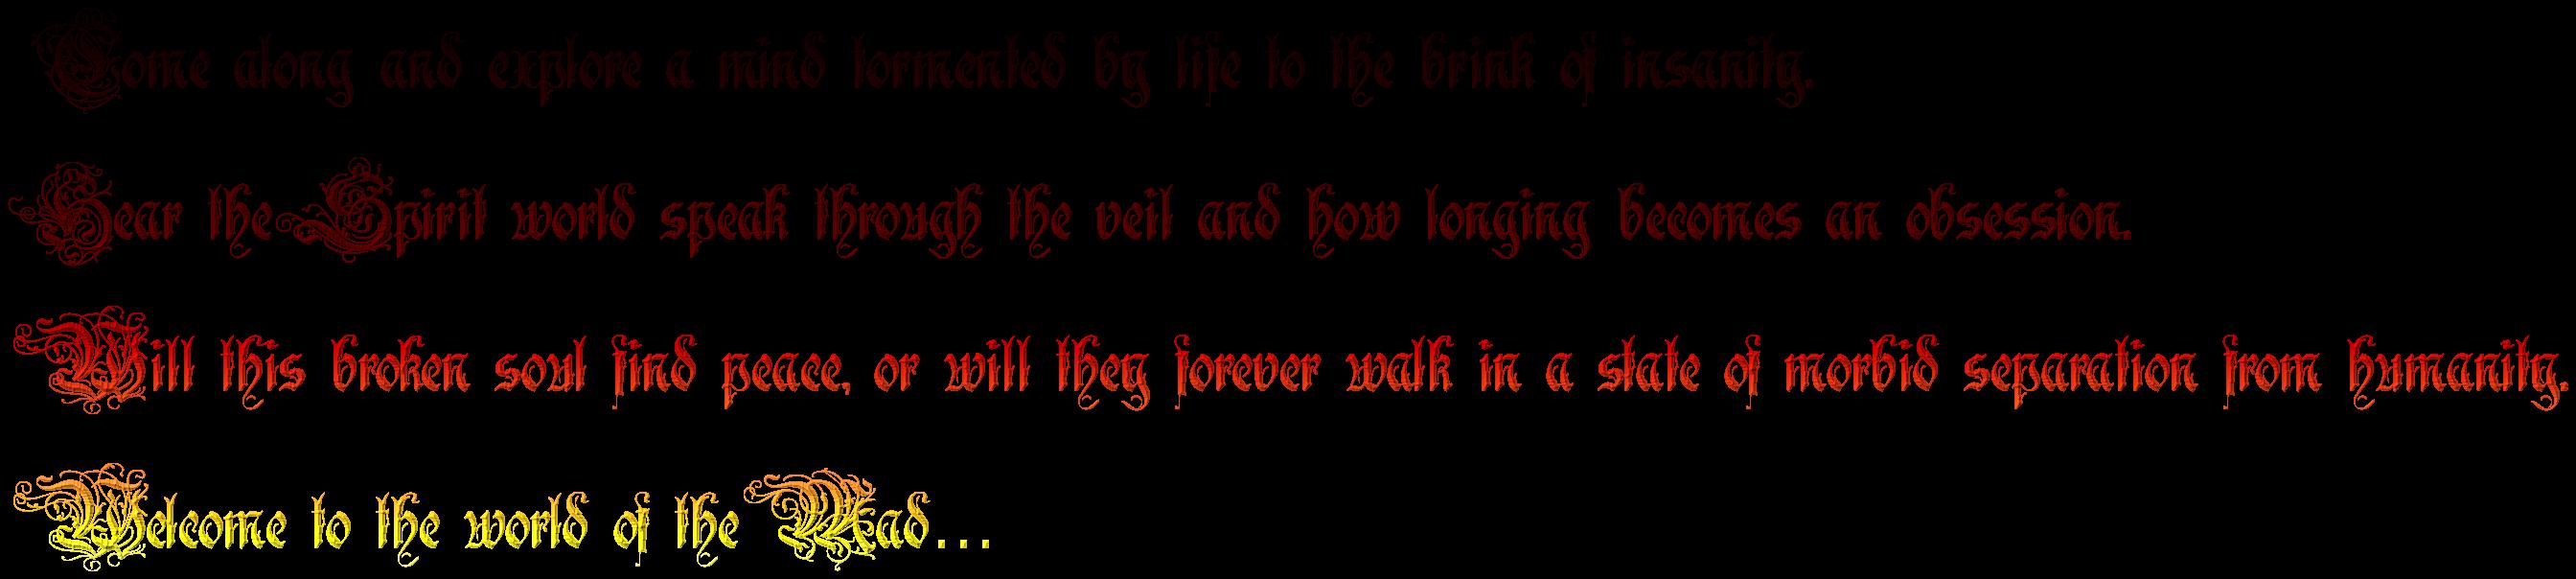 Blurb-DarkDreams-Cooltext